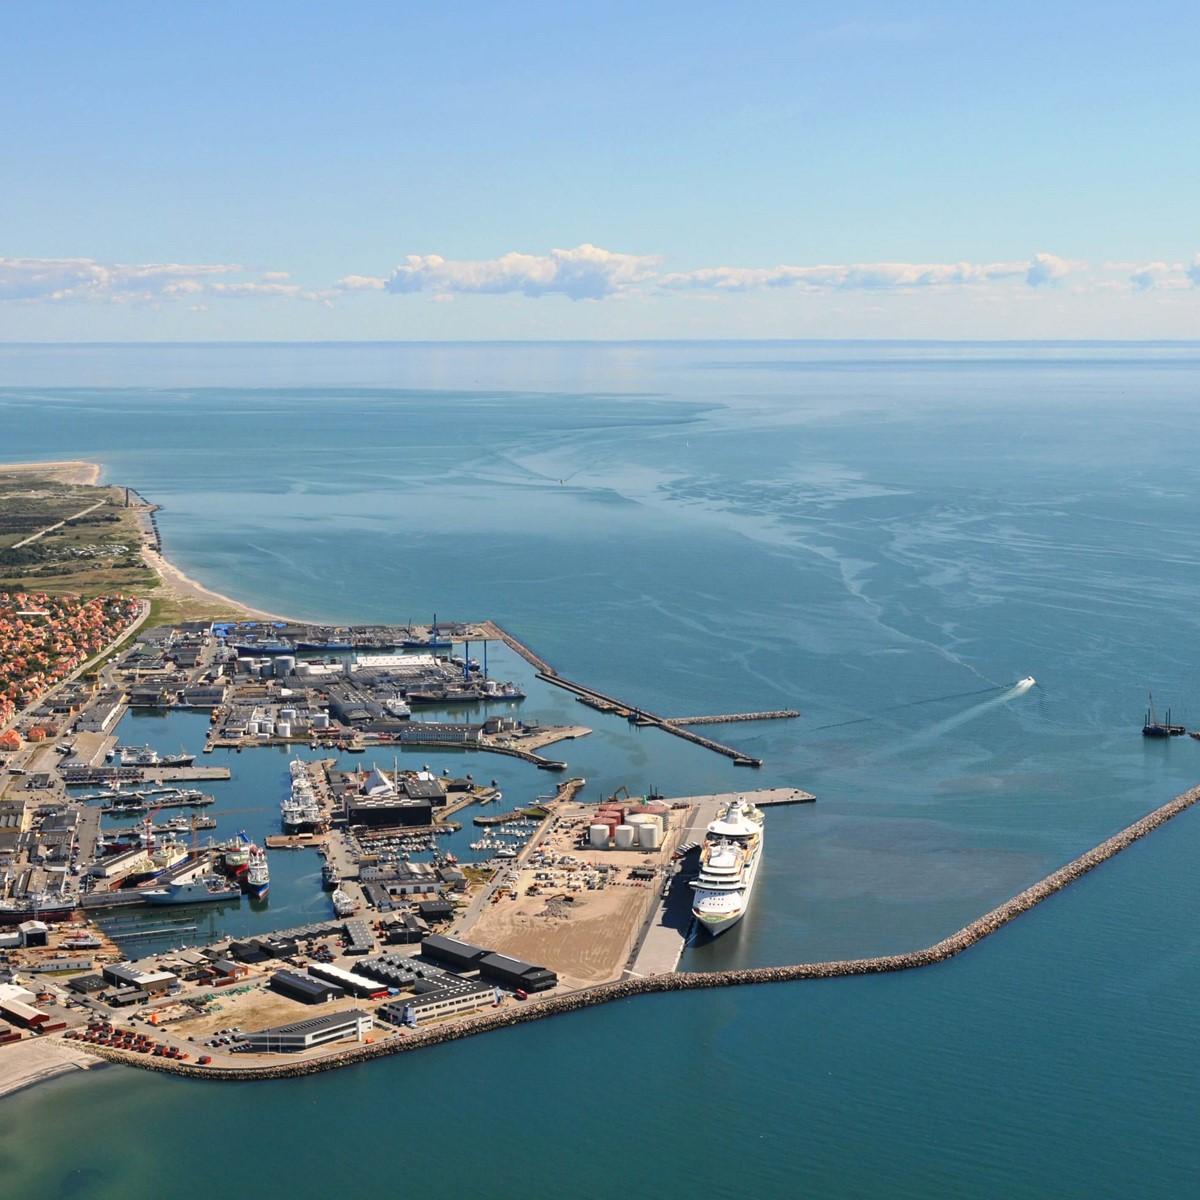 3 nybygninger styrker Skagen Havn - Fiskeri Tidende